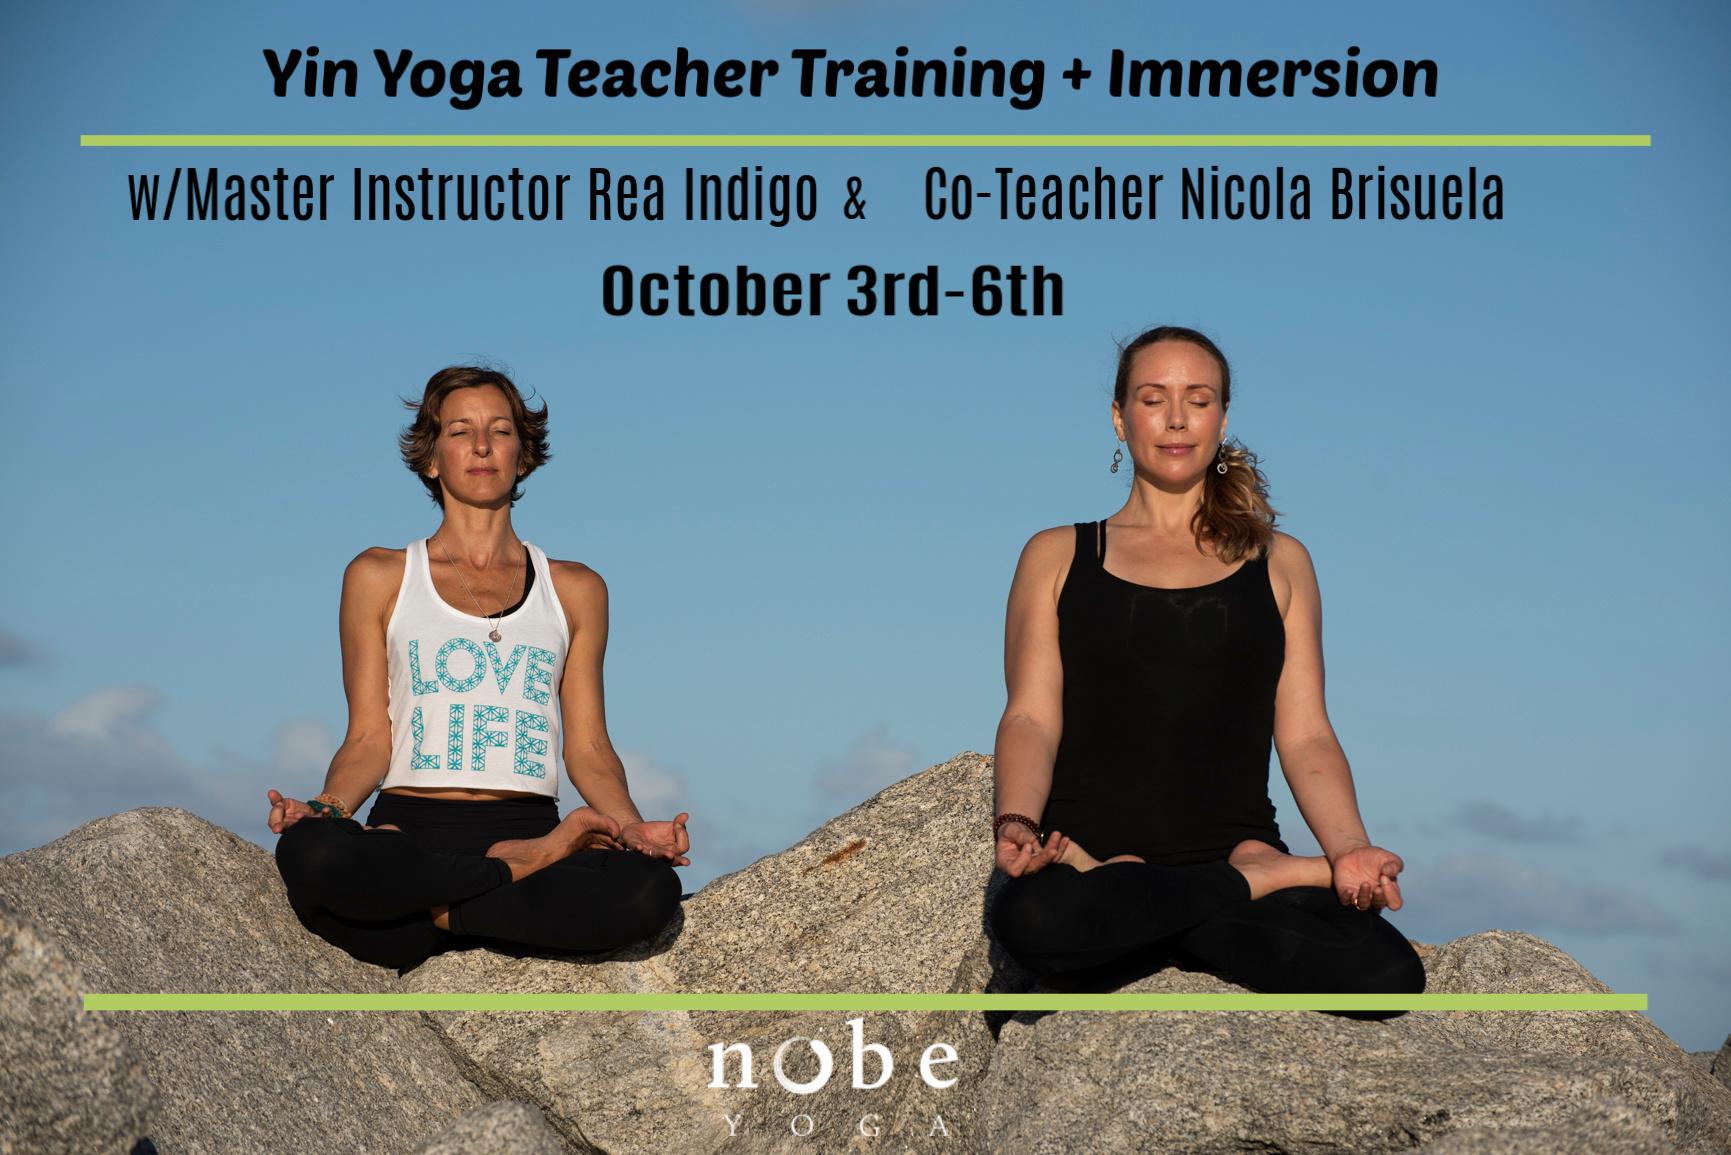 Yin Yoga in Miami Beach